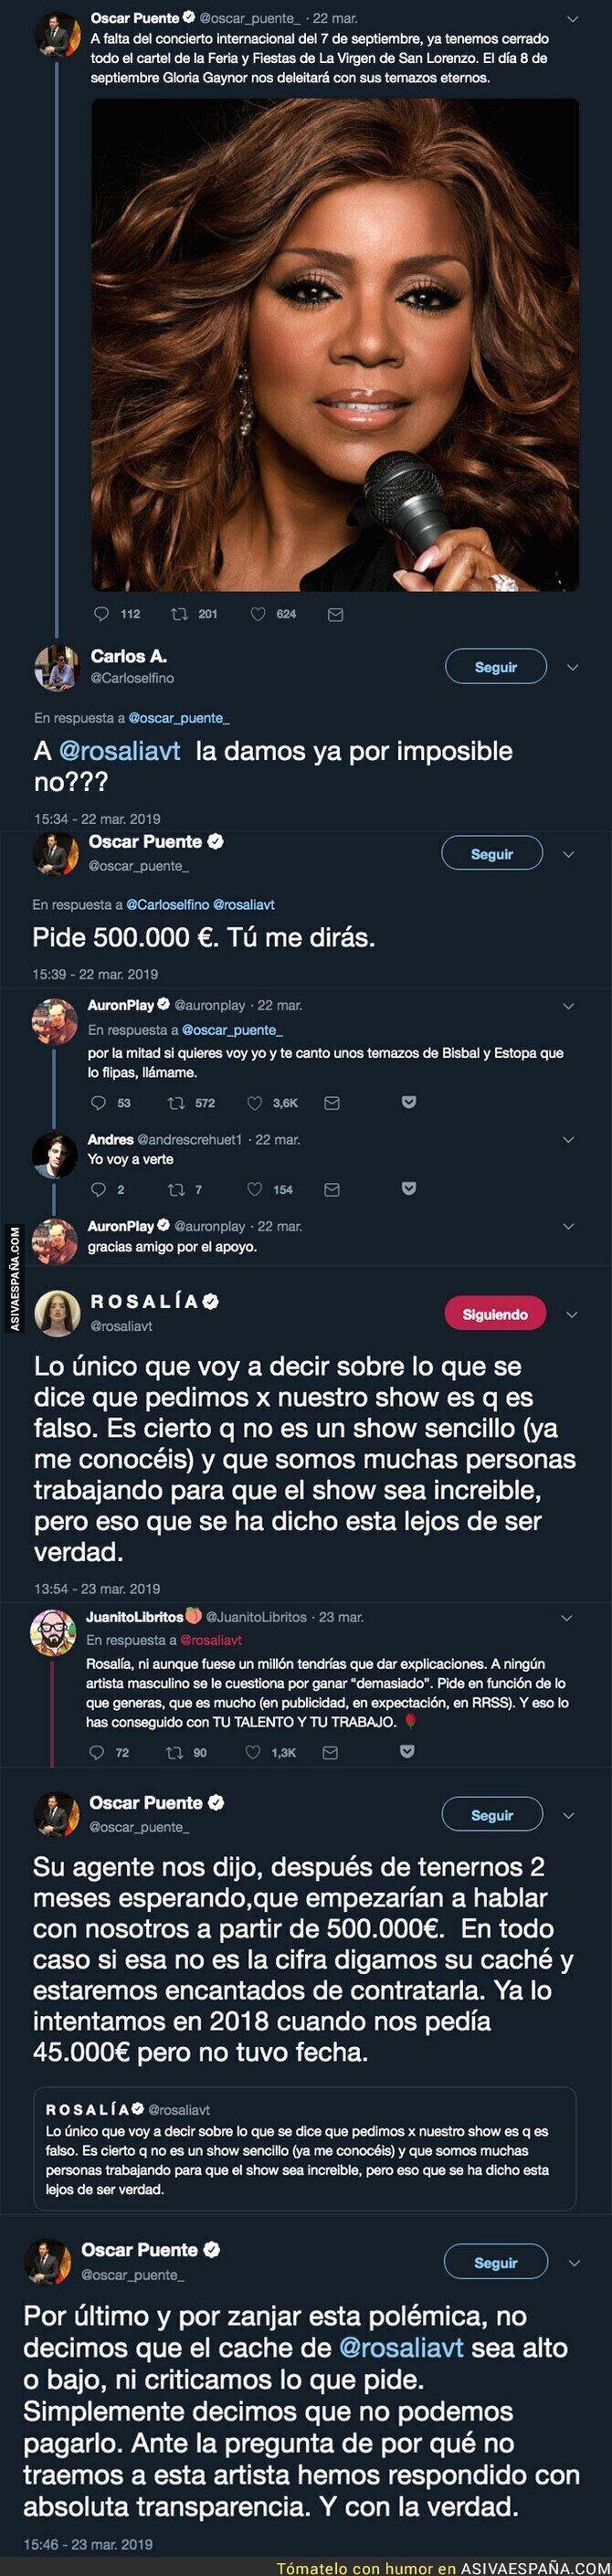 107325 - Óscar Puente, el alcalde de Valladolid la lía máximo en Twitter desvelando el caché de Rosalía